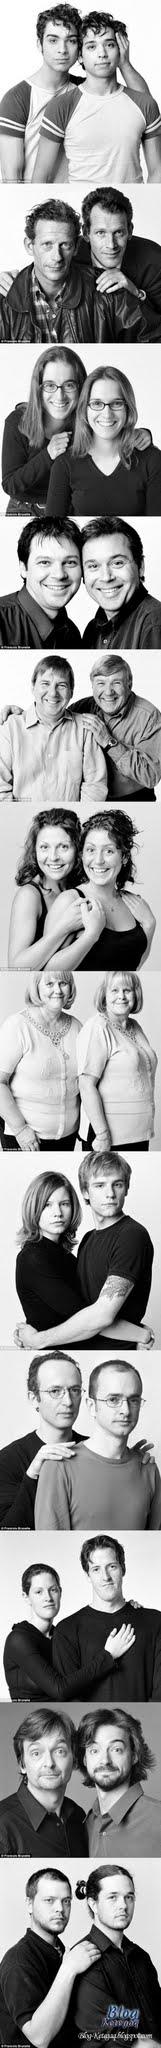 Wajah seiras tetapi bukan kembar